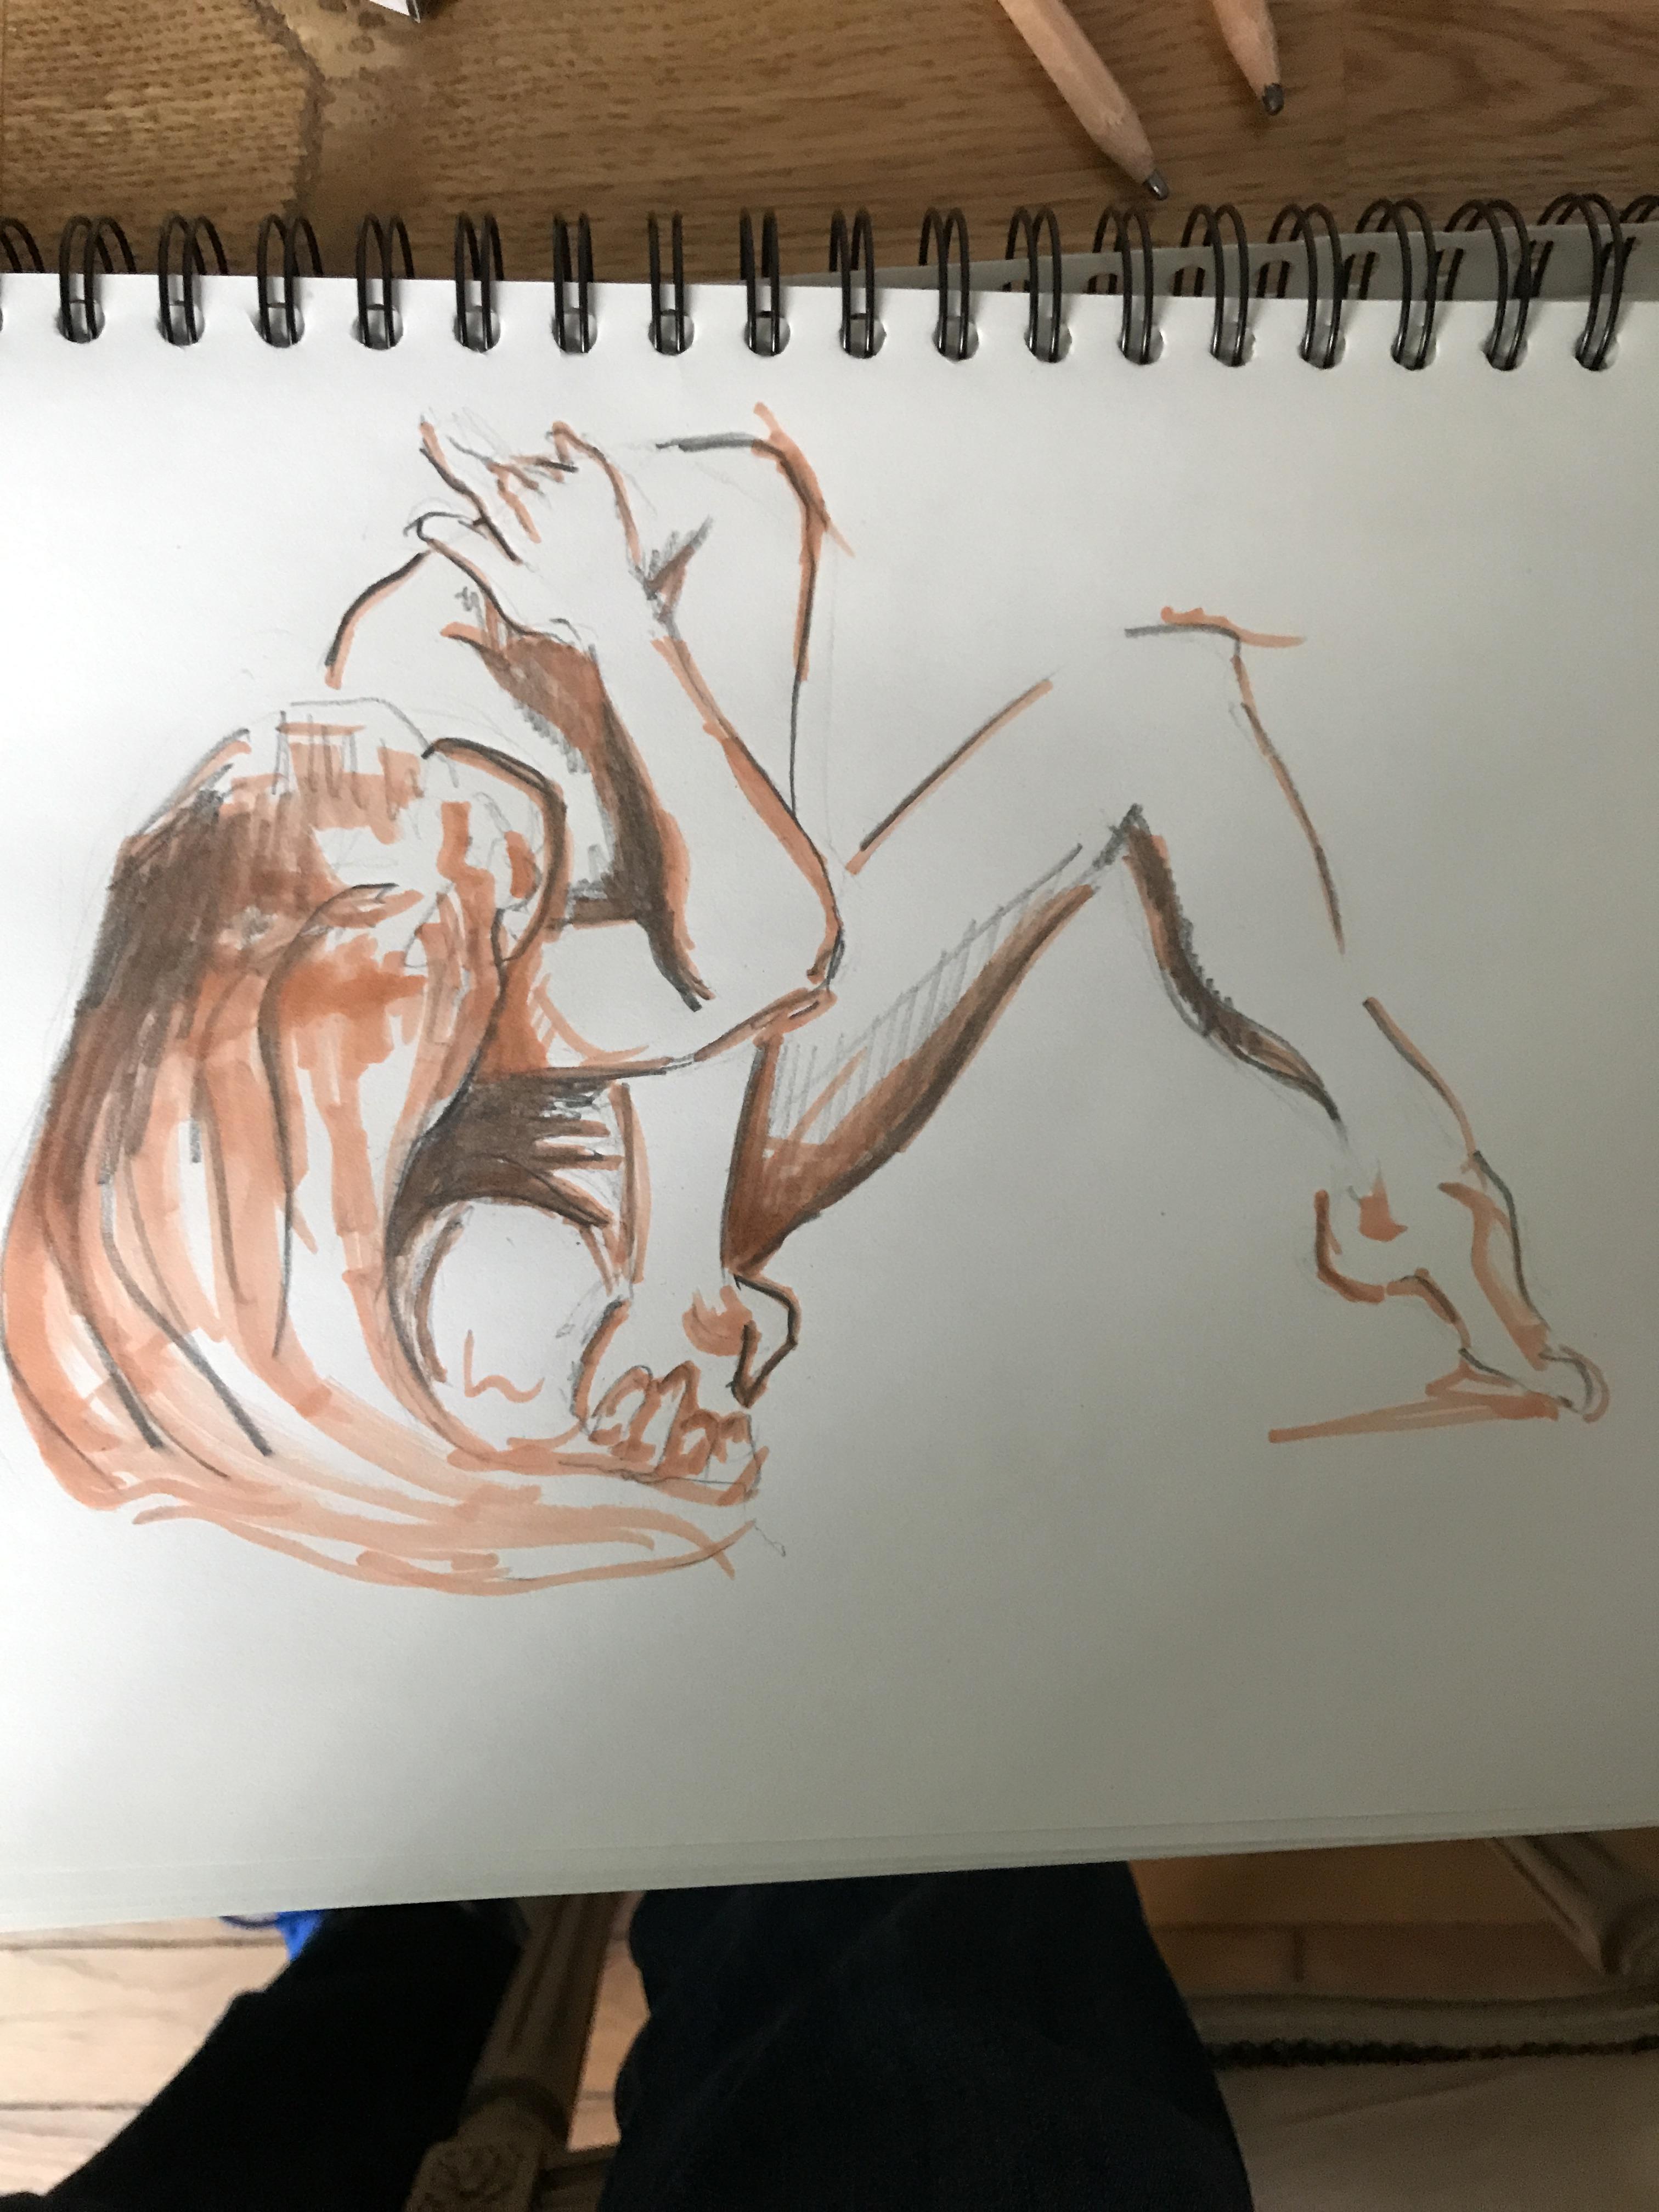 Travaille au feutre et crayon de papier dessin réalisé dans le cadre de nous cours de dessin à Paris  cours de dessin